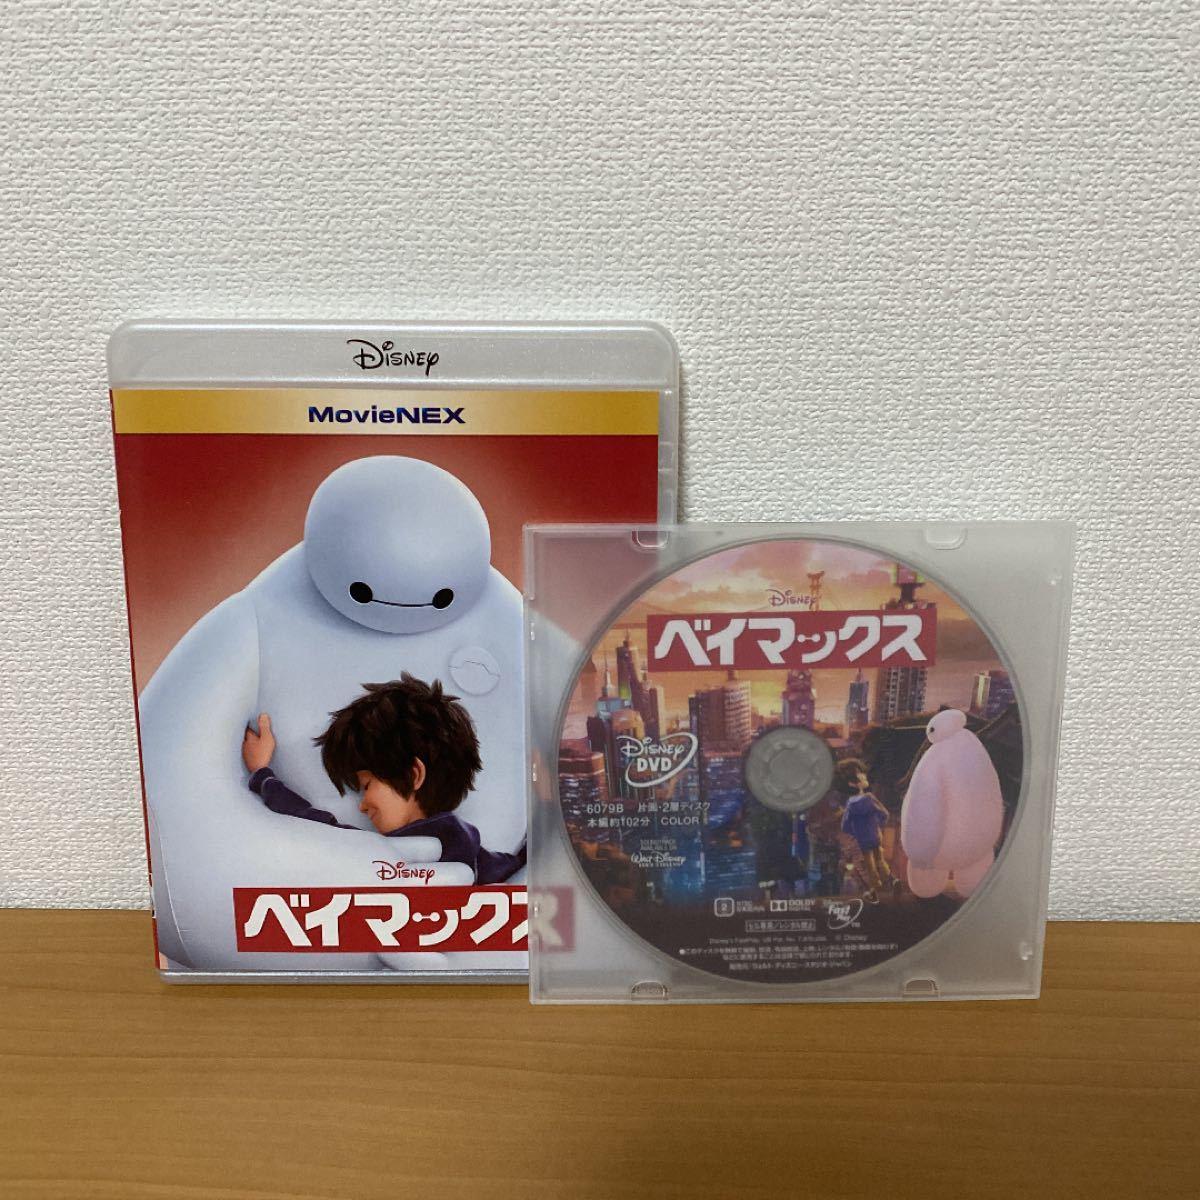 ディズニーMovieNEX ベイマックス  DVDディスク